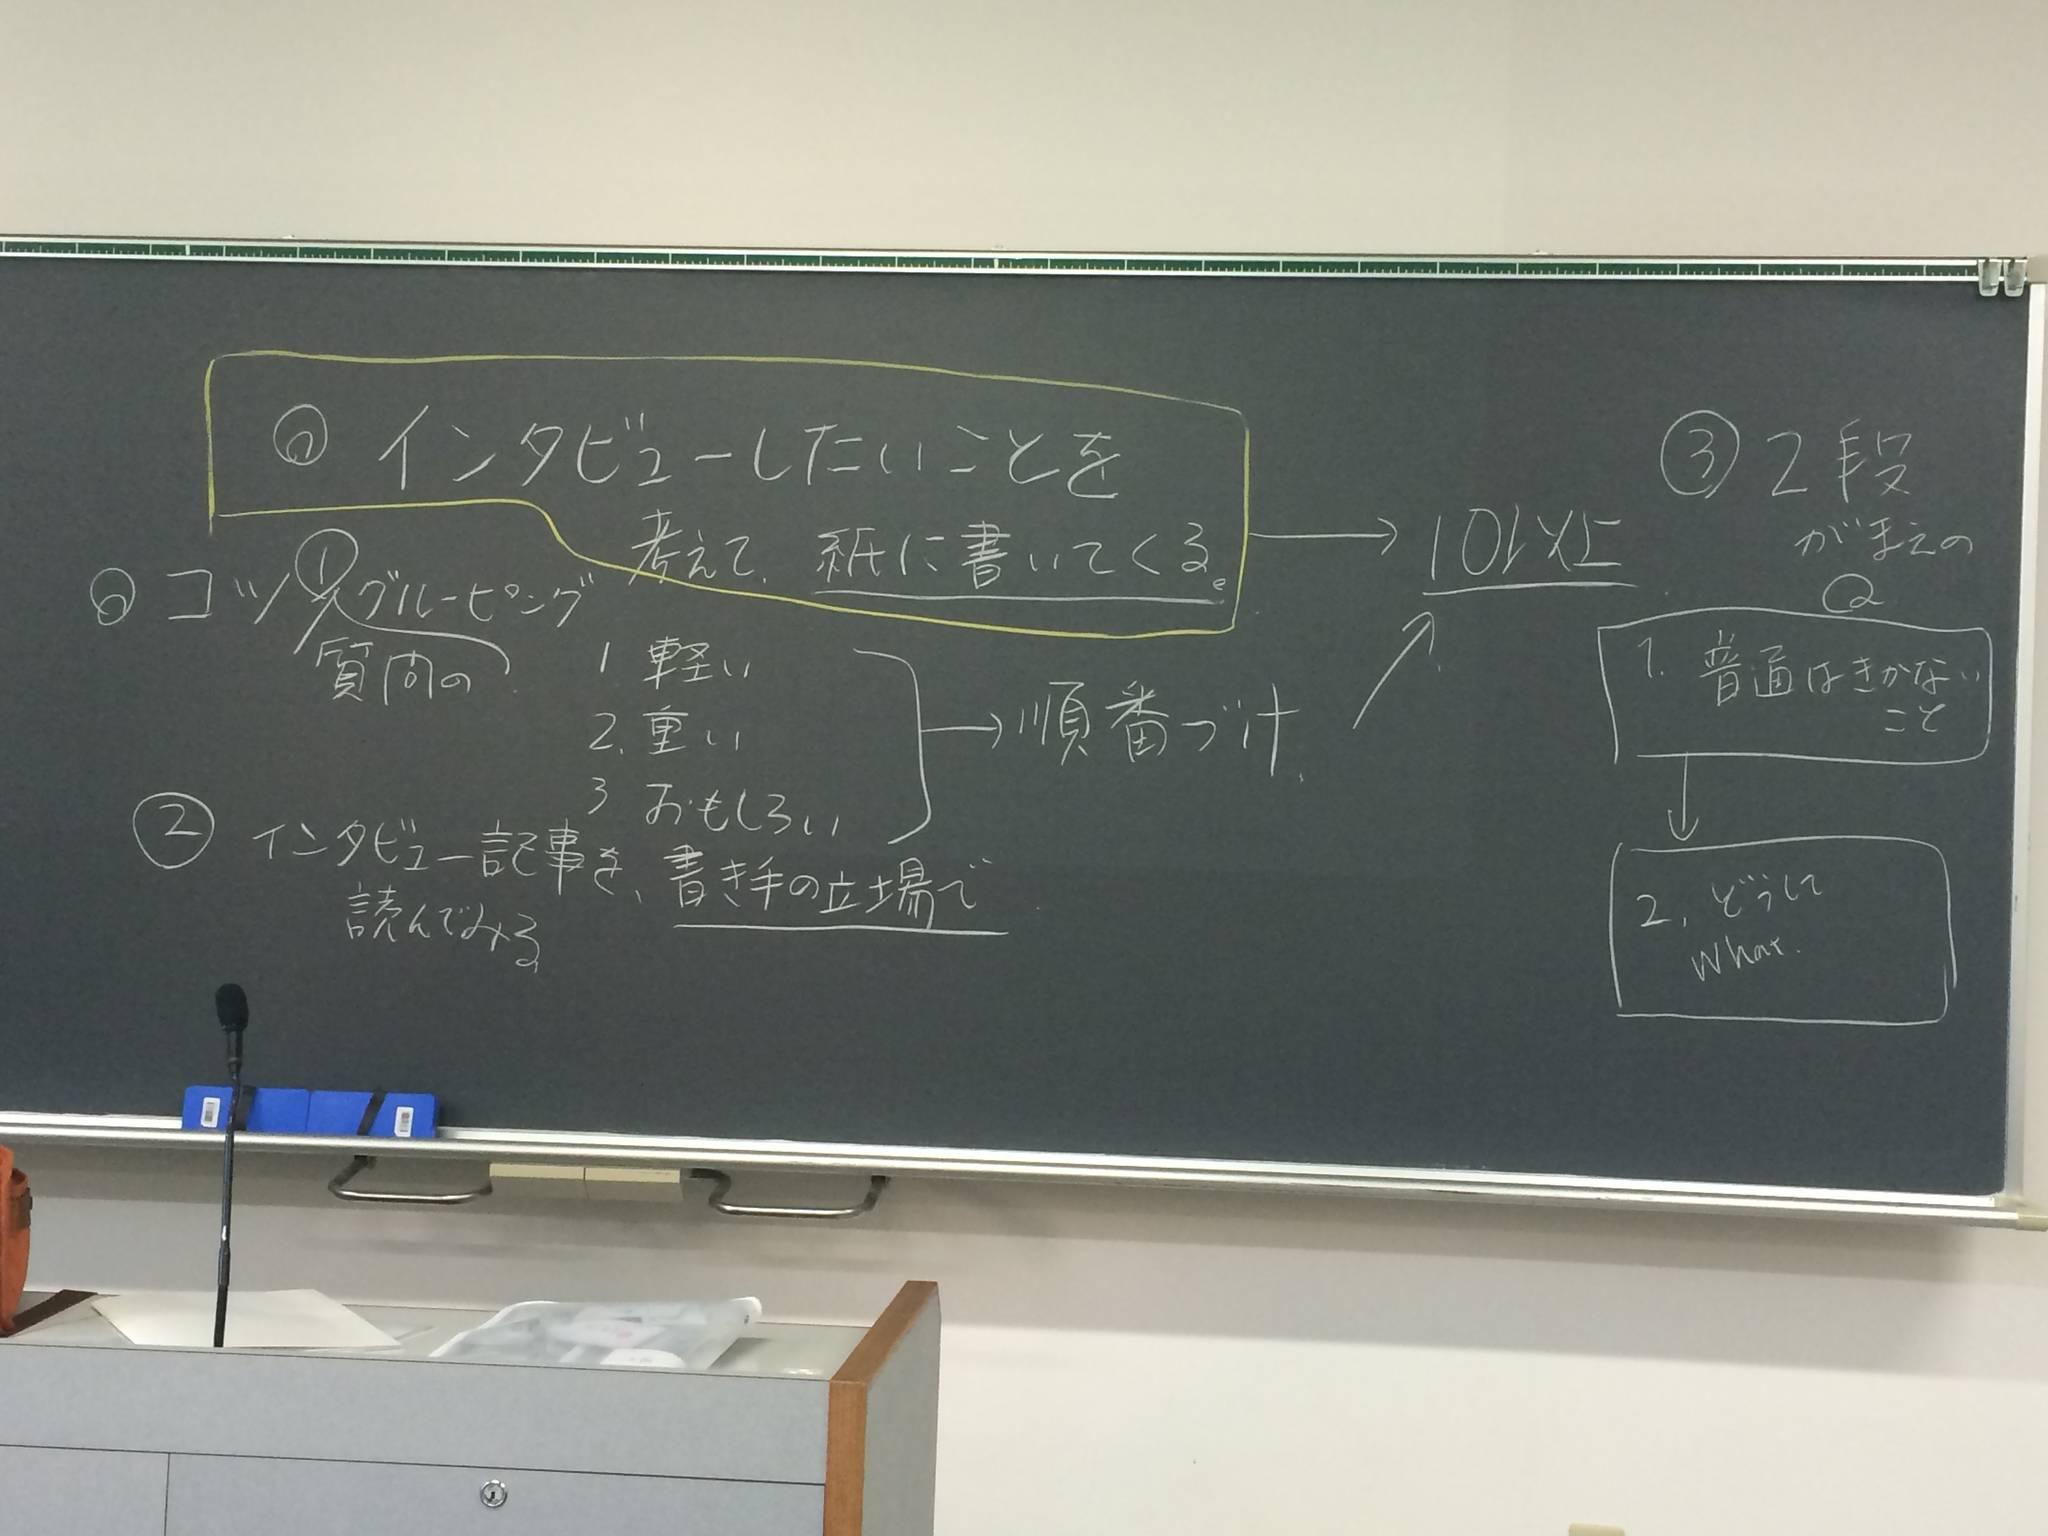 일본어로 말하고 공부하기 힘들지 않았나요?